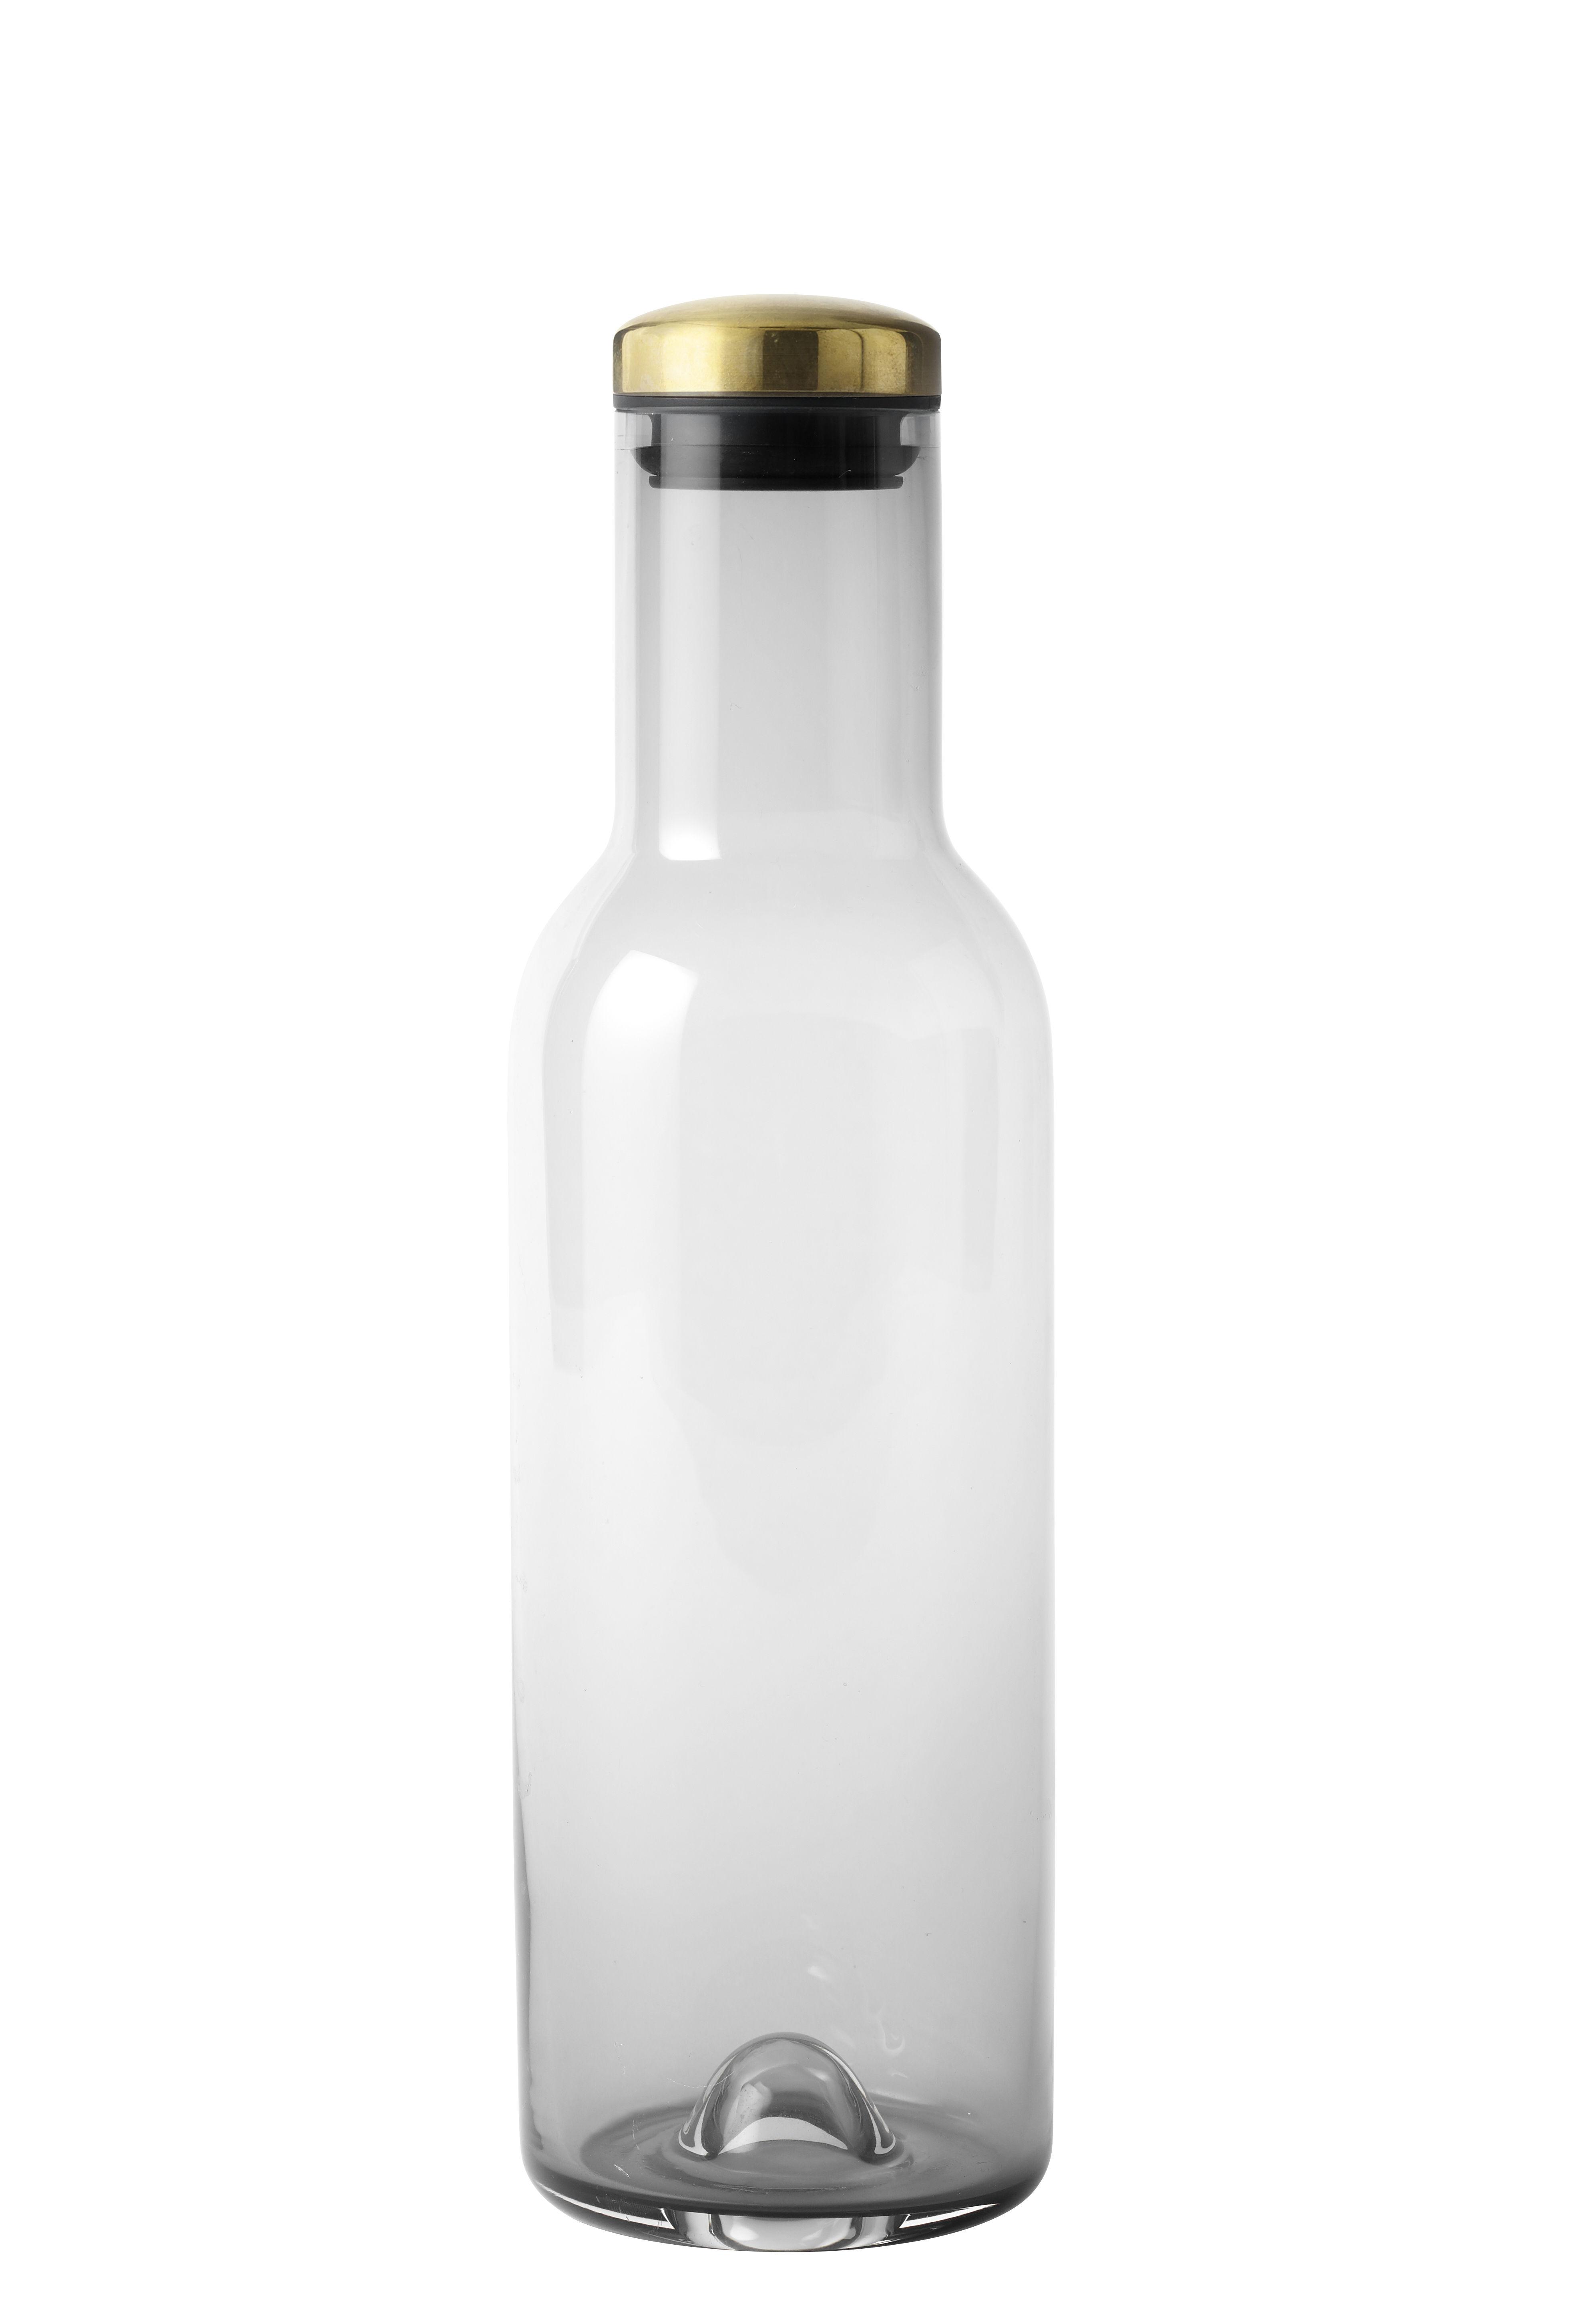 Arts de la table - Carafes et décanteurs - Carafe Bottle / 1 Litre - Bouchon laiton - Menu - Gris fumé / Laiton - Laiton, Silicone, Verre